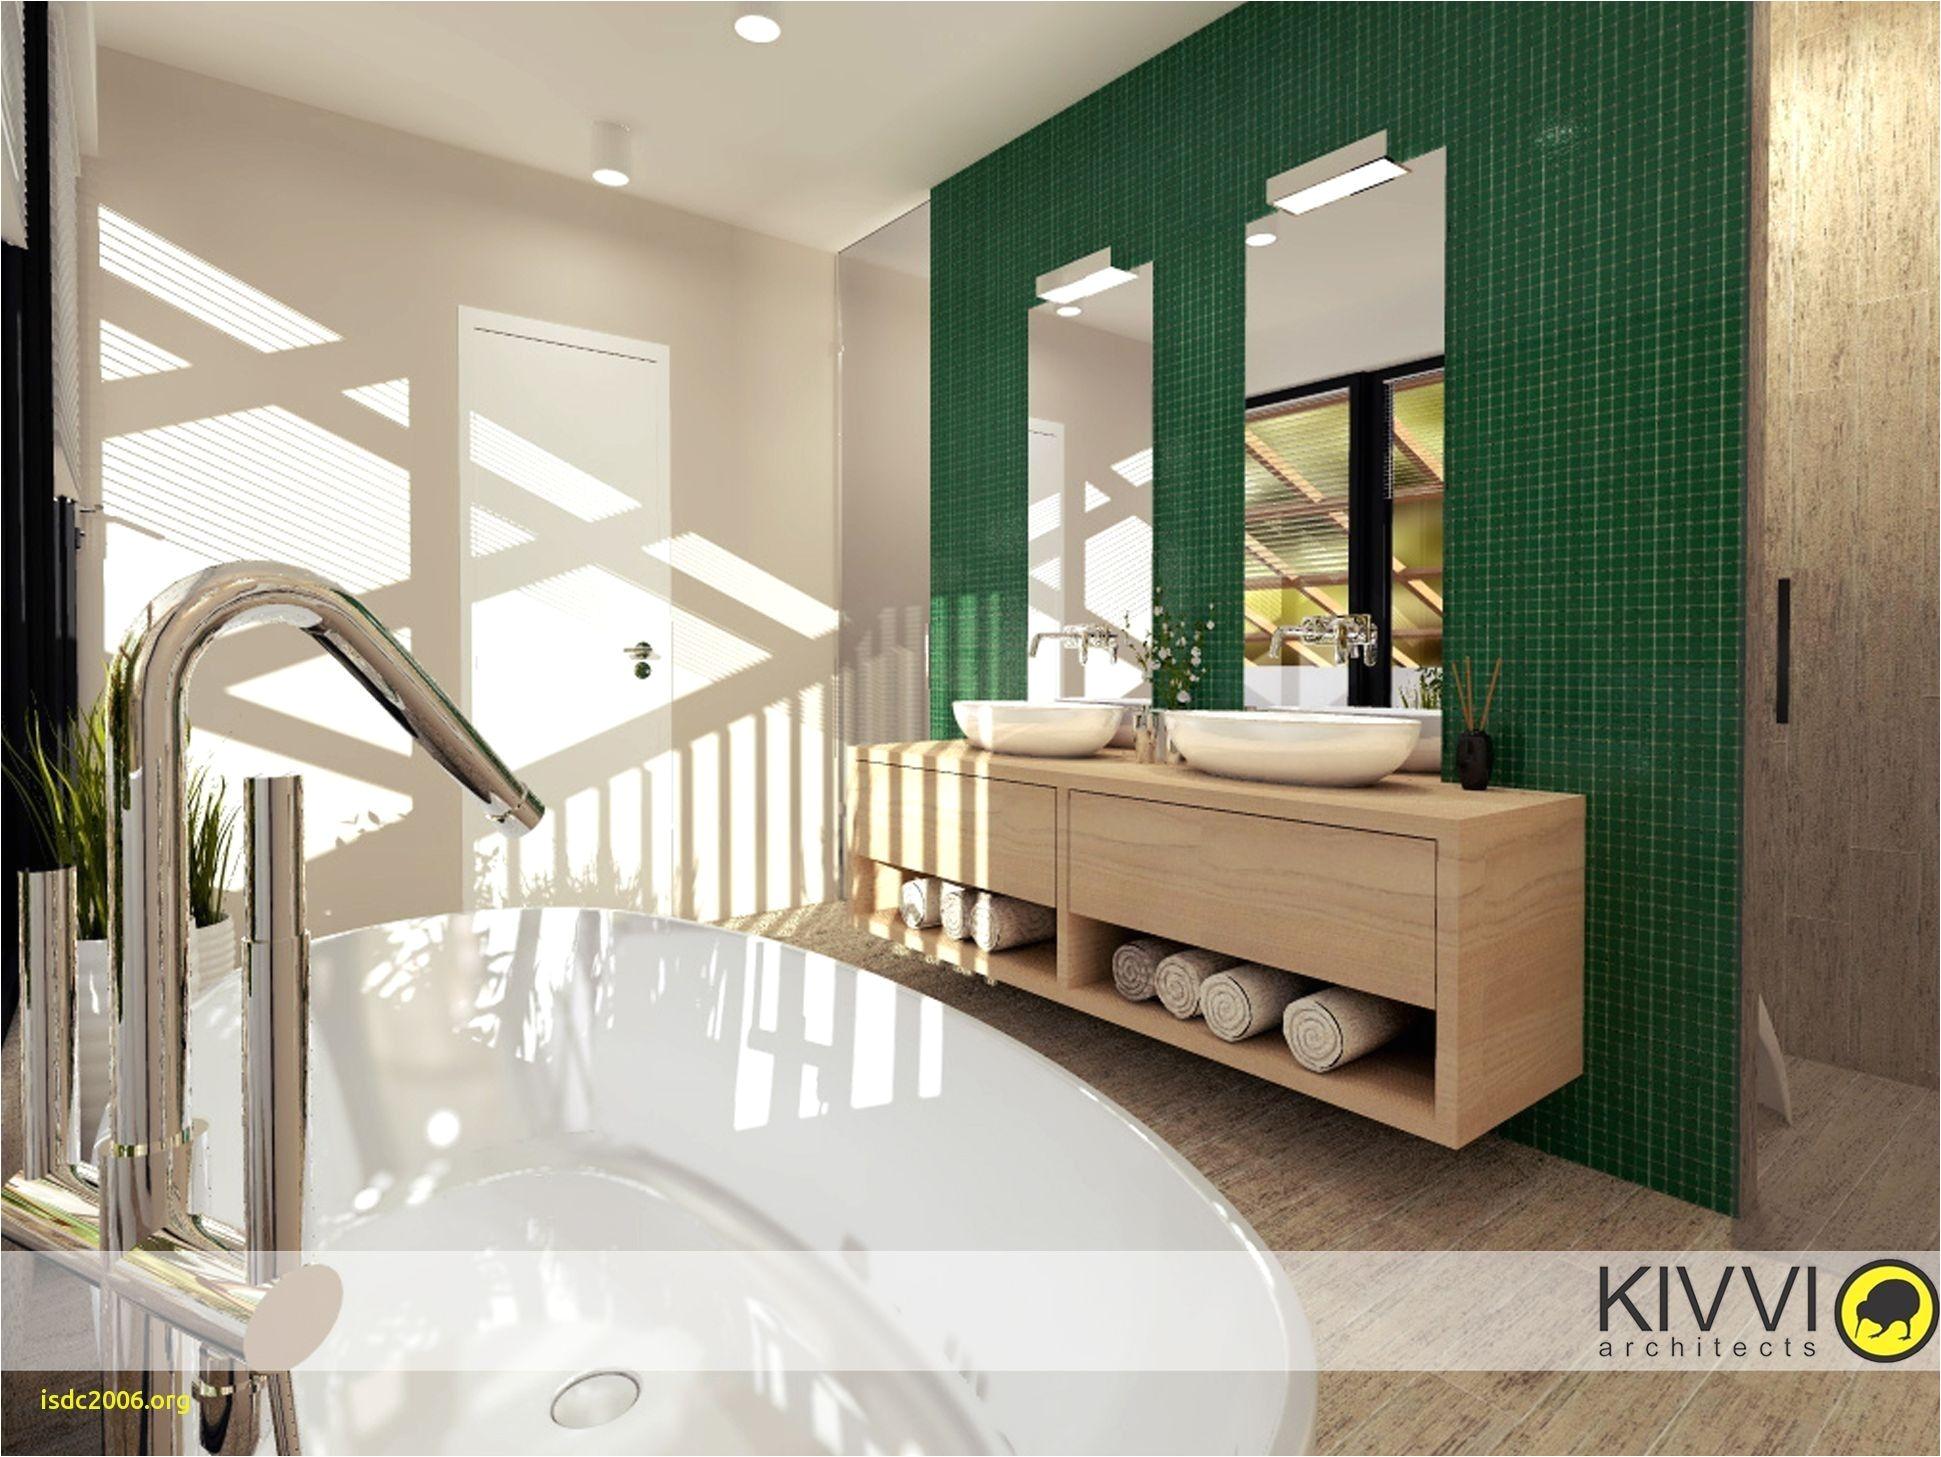 """Návrh interiéru kºpe""""¾ne Interiérov½ dizajn od Kivvi bathroom amazing bathroom portraits design ideas"""